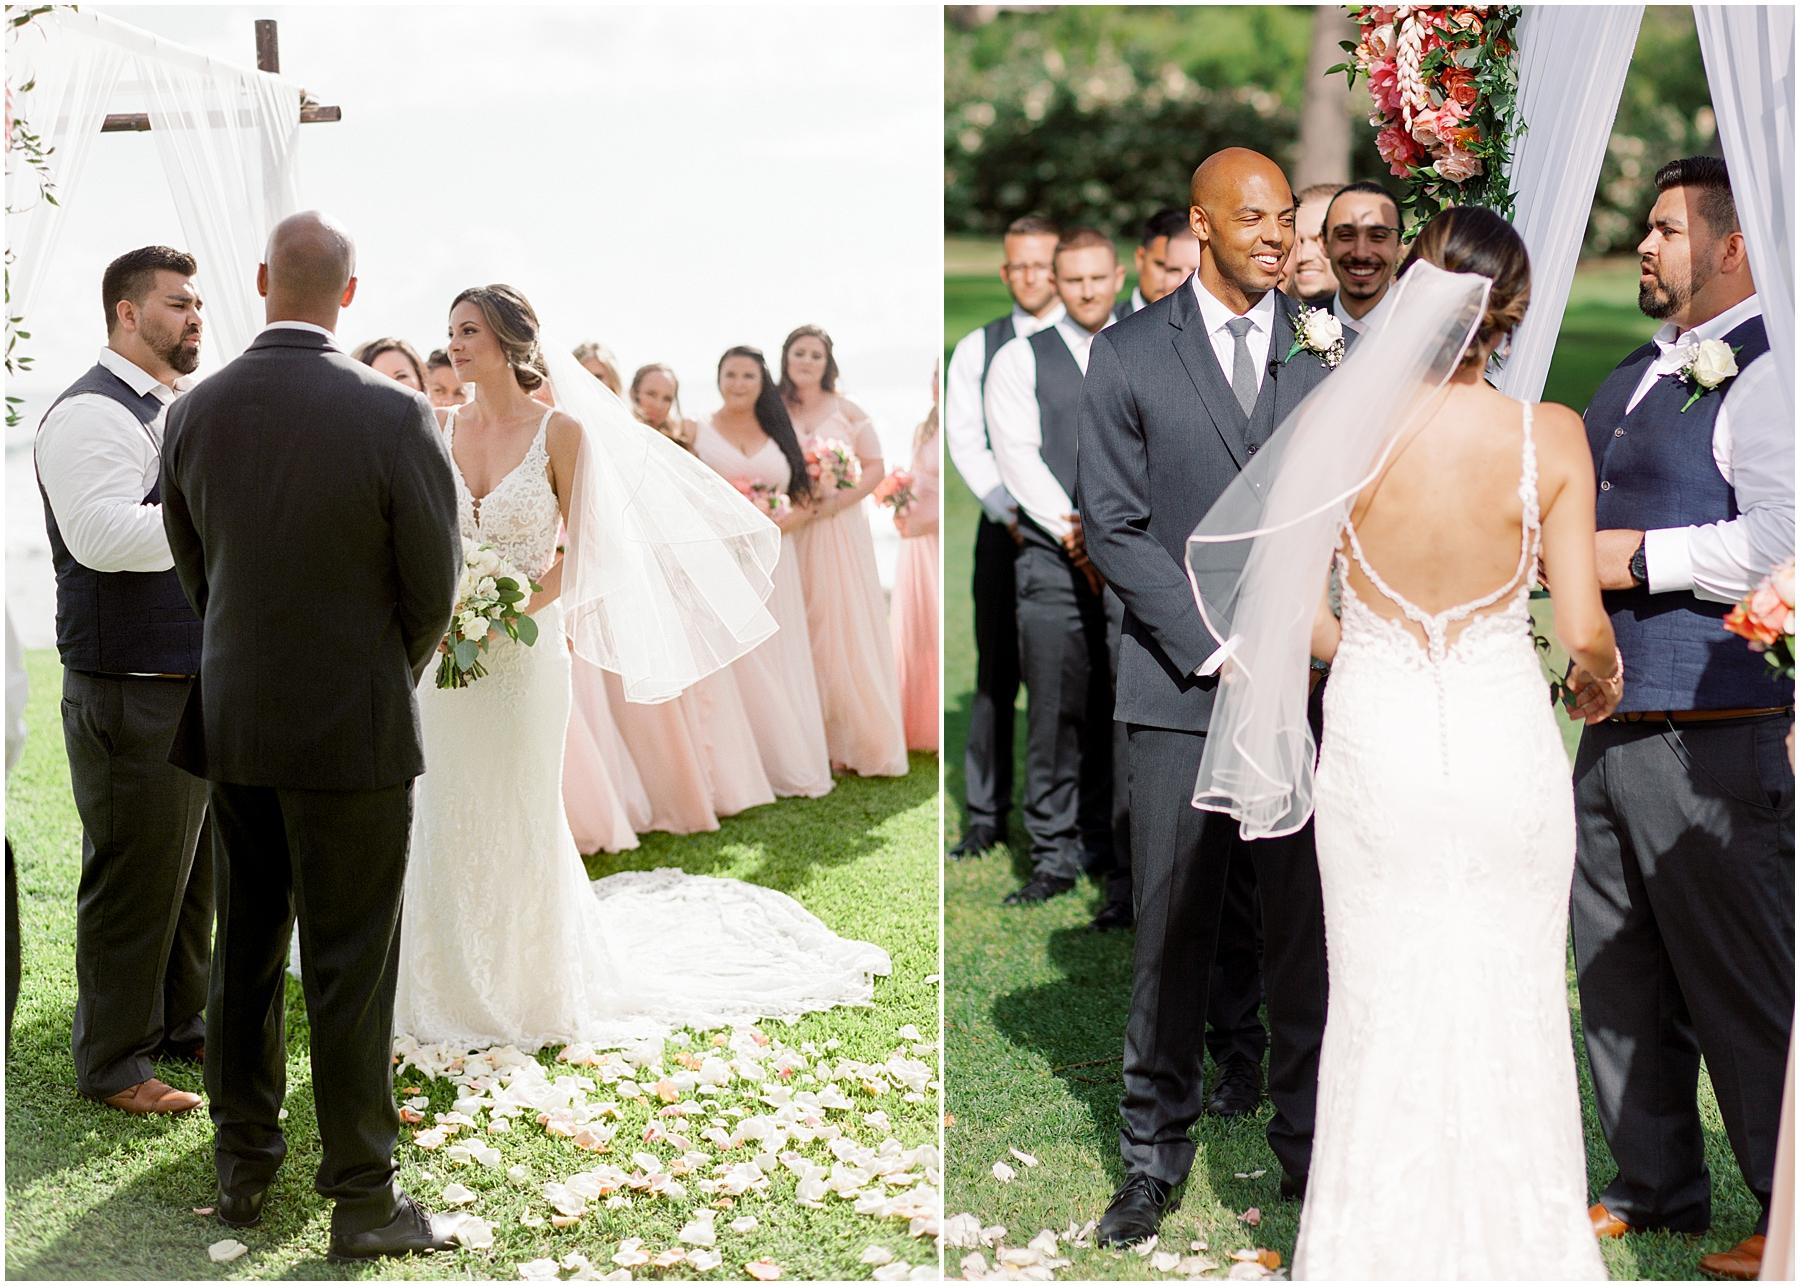 Olowalu-plantation-house-maui-hawaii-wedding-133.jpg